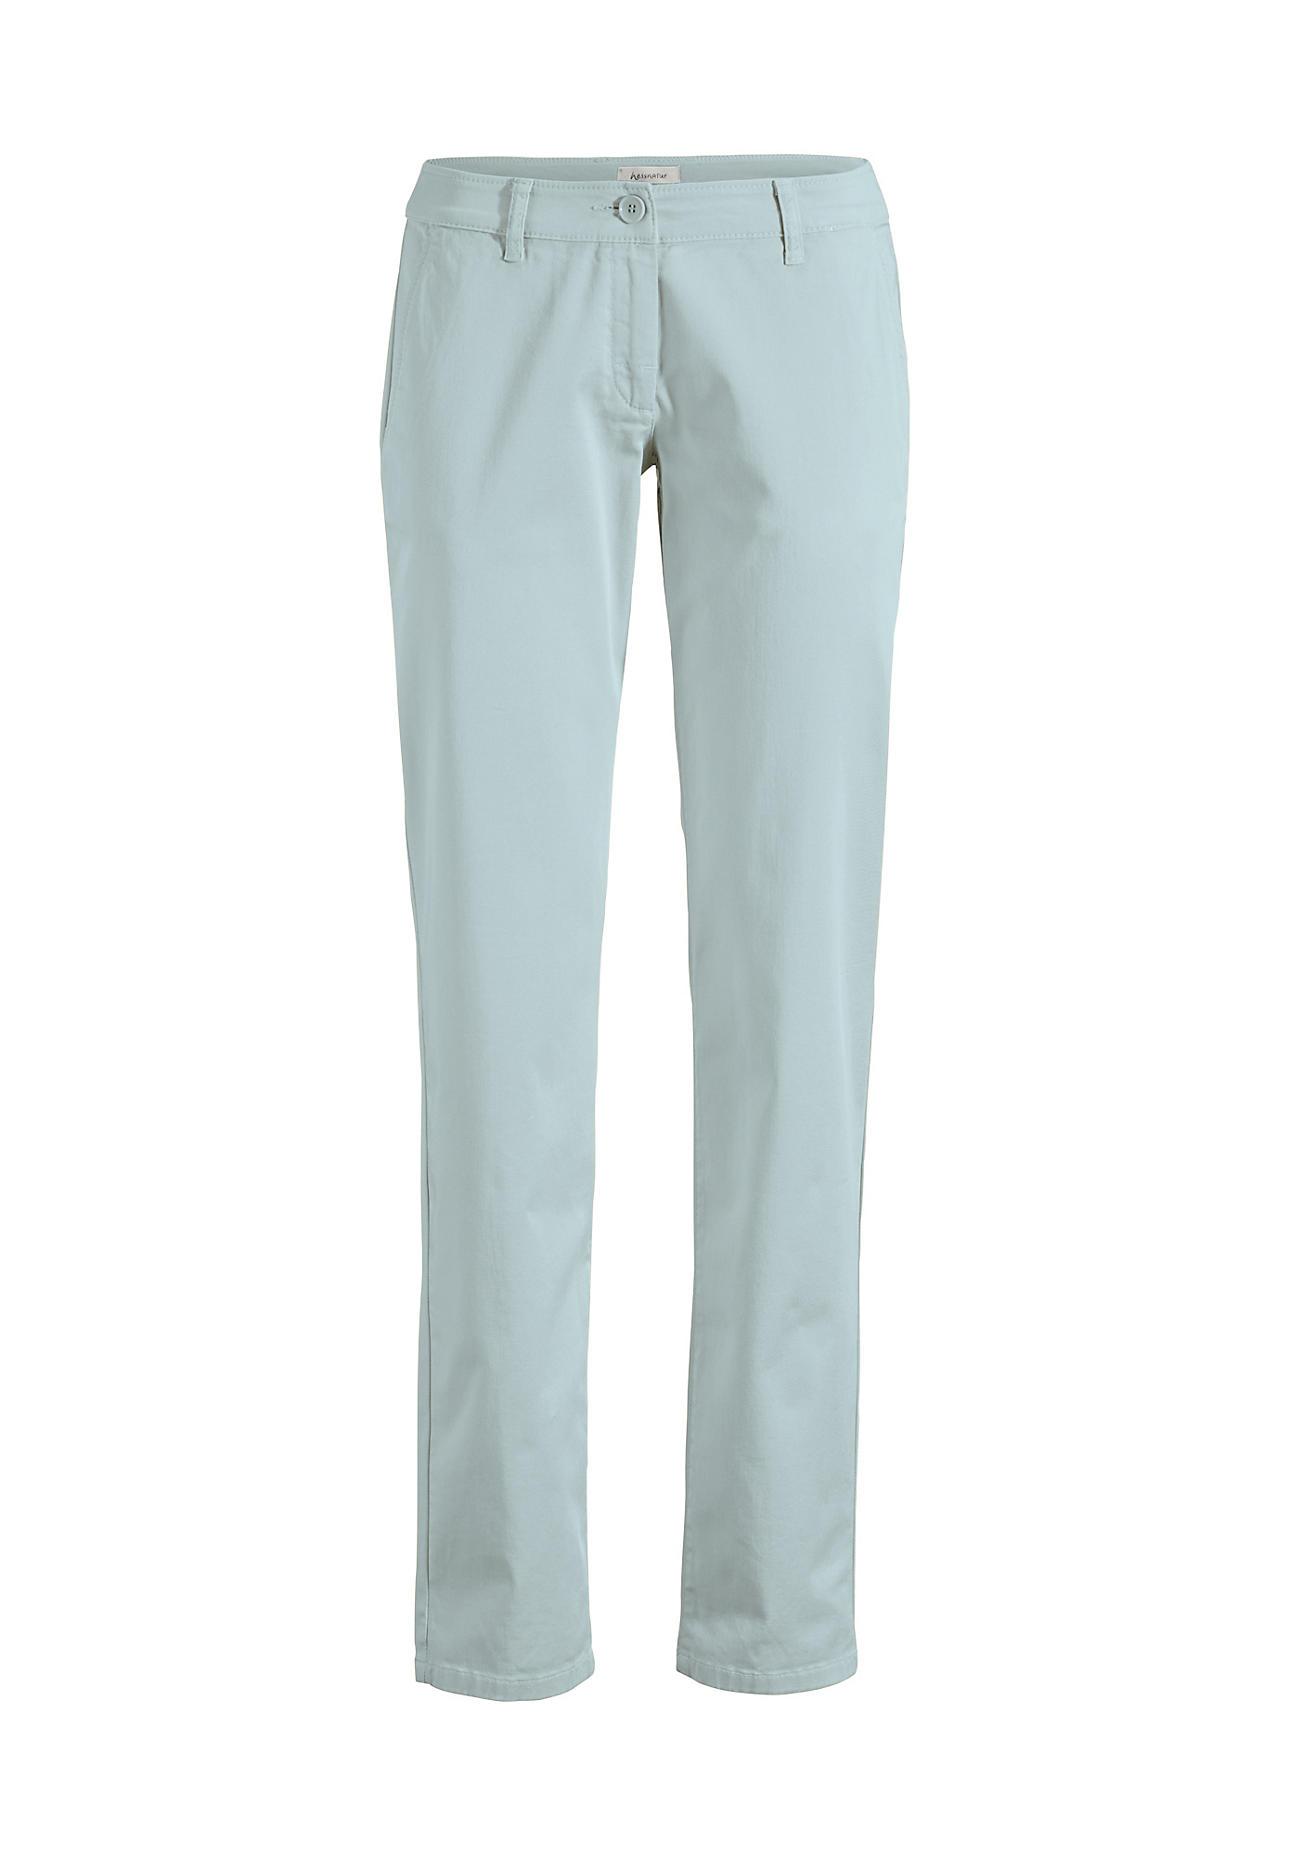 Hosen für Frauen - hessnatur Damen Chino aus Bio Baumwolle – grün –  - Onlineshop Hessnatur